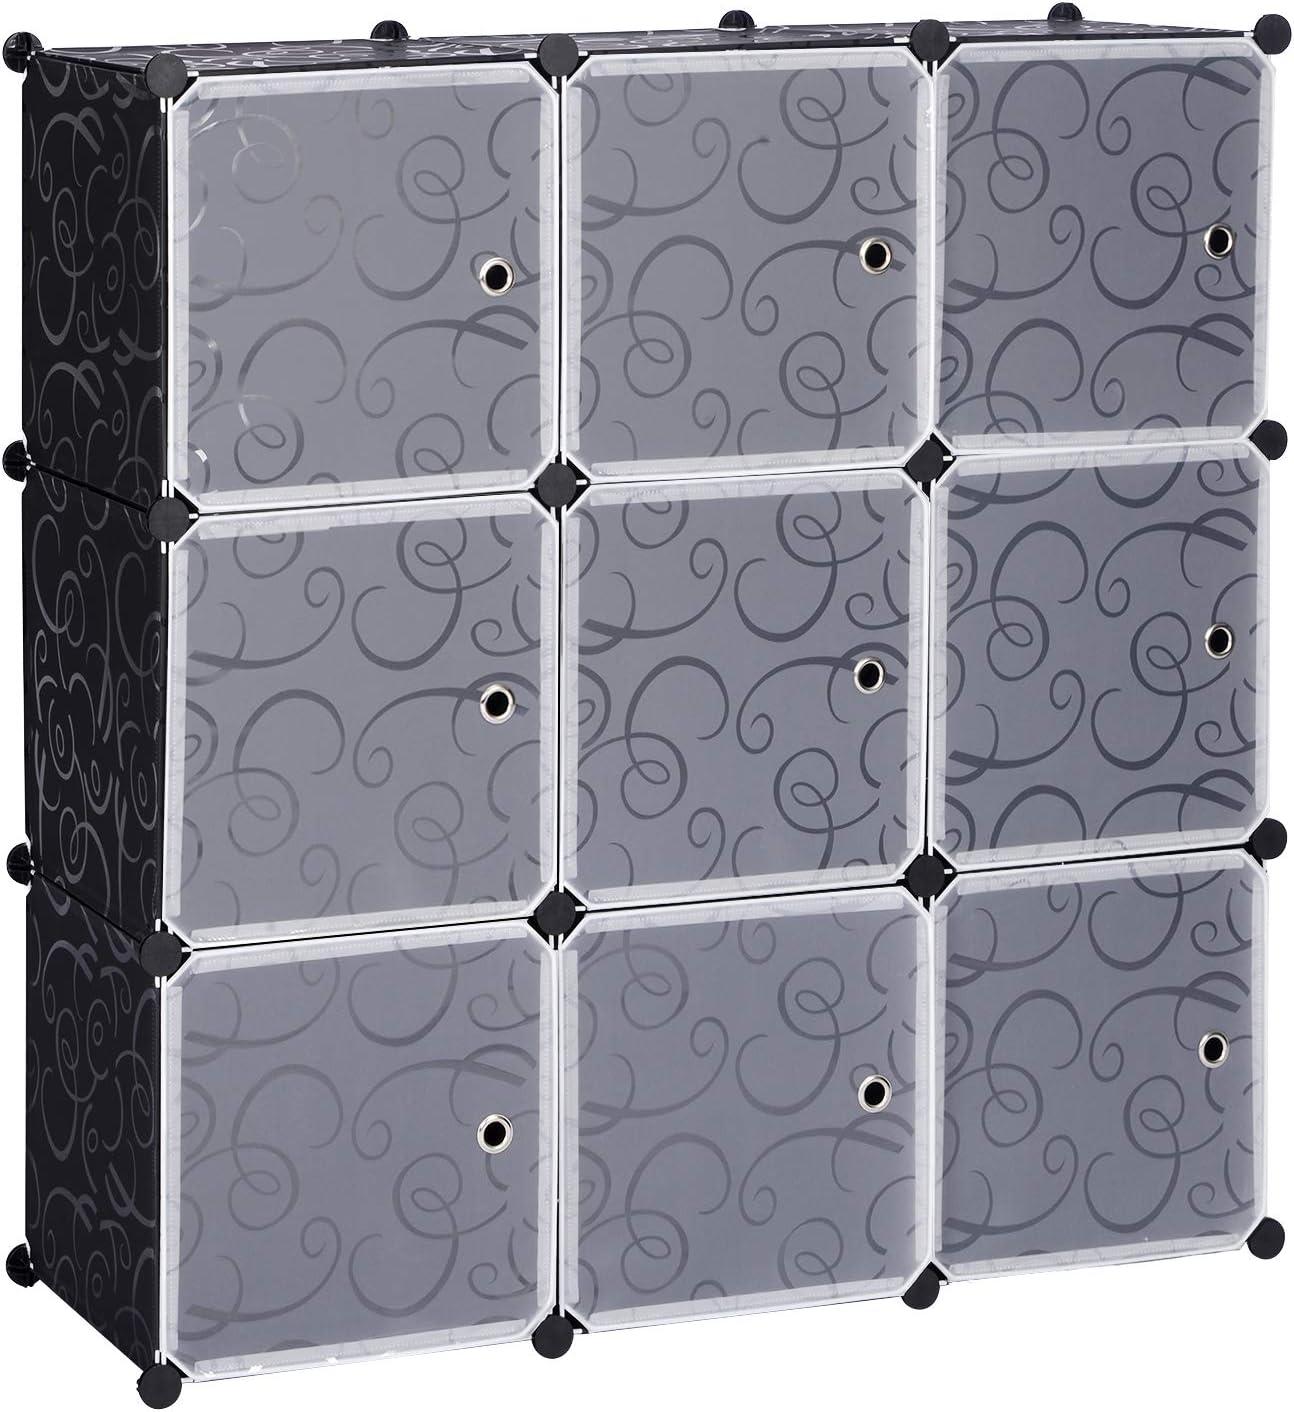 eSituro Armario Organizador Modular Estanterías de Montaje de DIY, Armario de Almacenamiento de Plástico, Armario Estantería con 9 Cubos Negro SGR0032: Amazon.es: Hogar